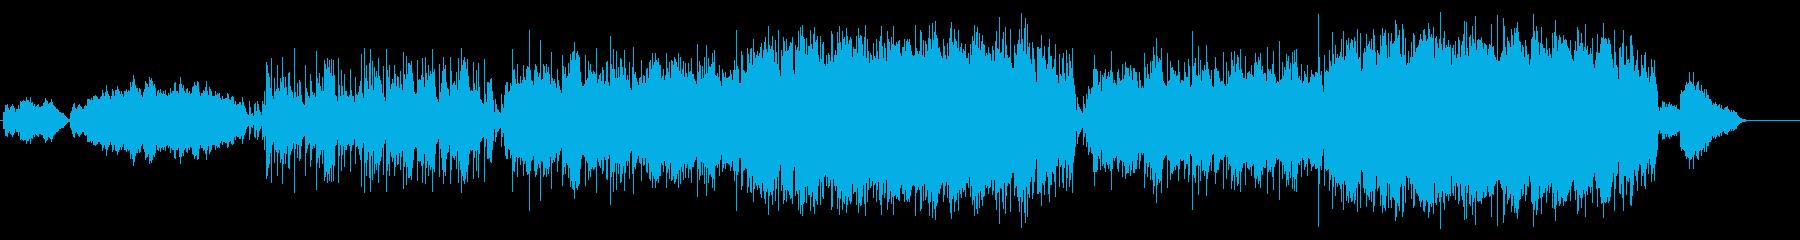 オーケストレーションの壮大なバラードの再生済みの波形